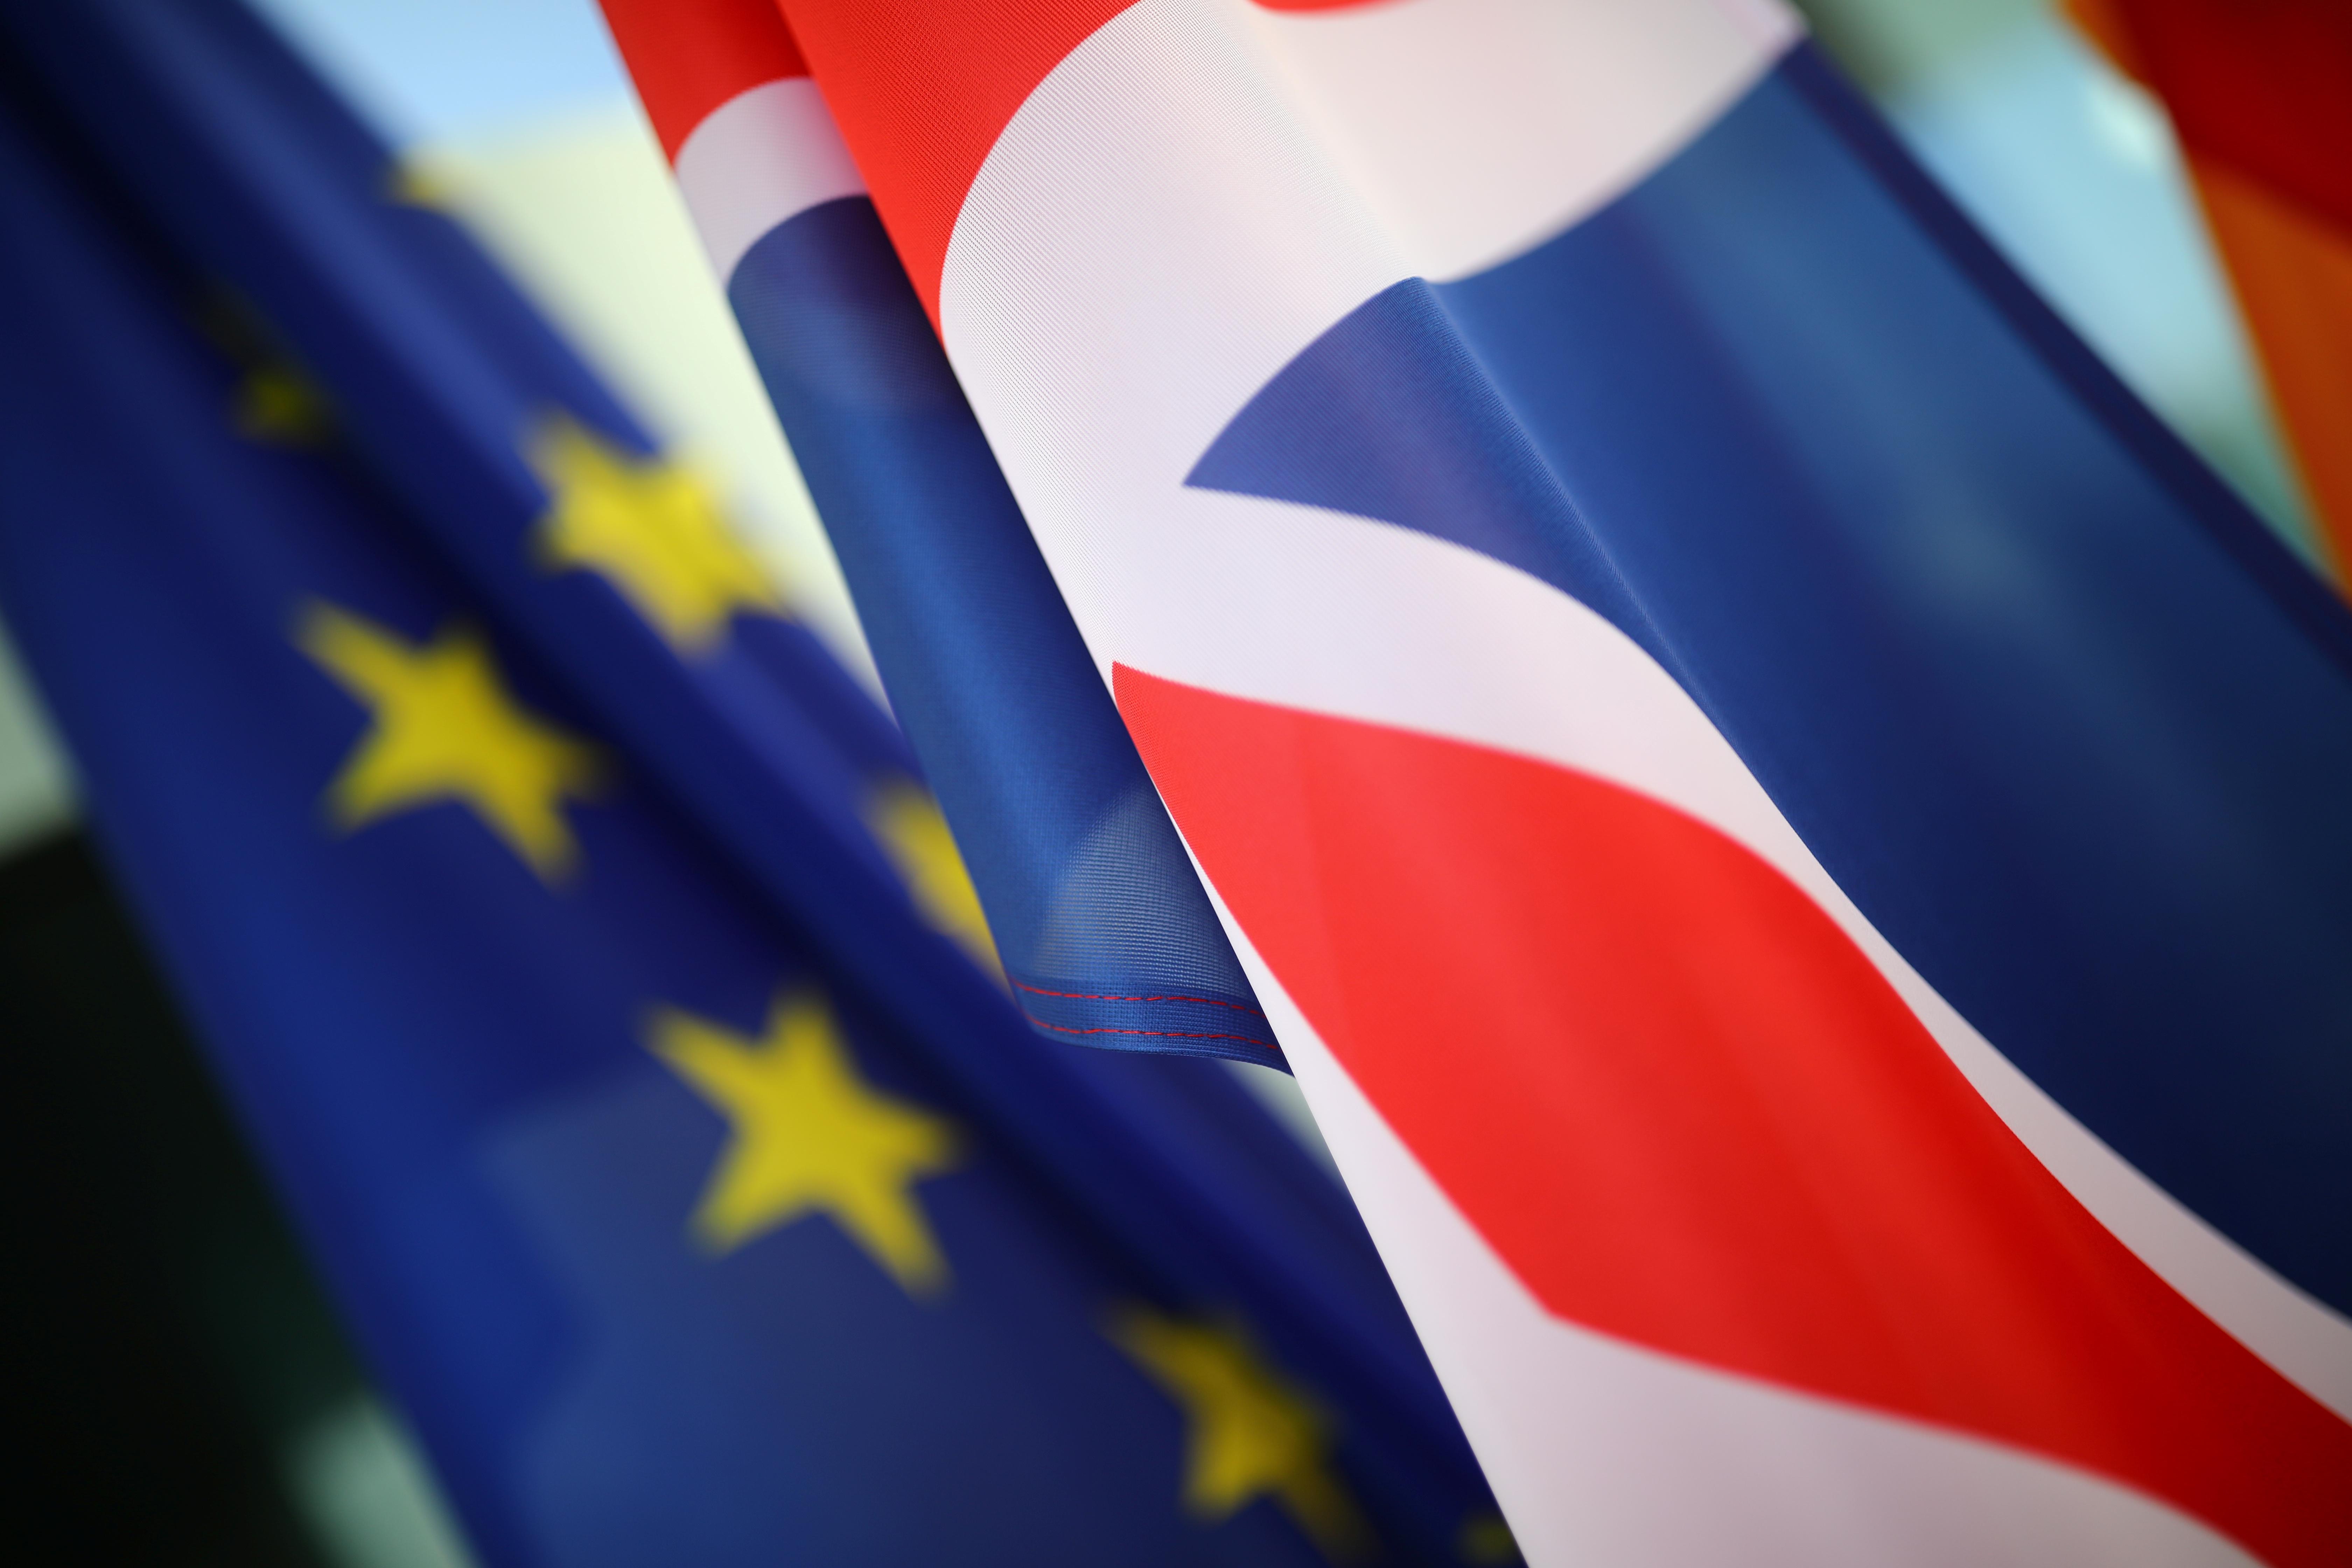 rumeurs-d-echec-imminent-des-negociations-may-labour-sur-le-brexit